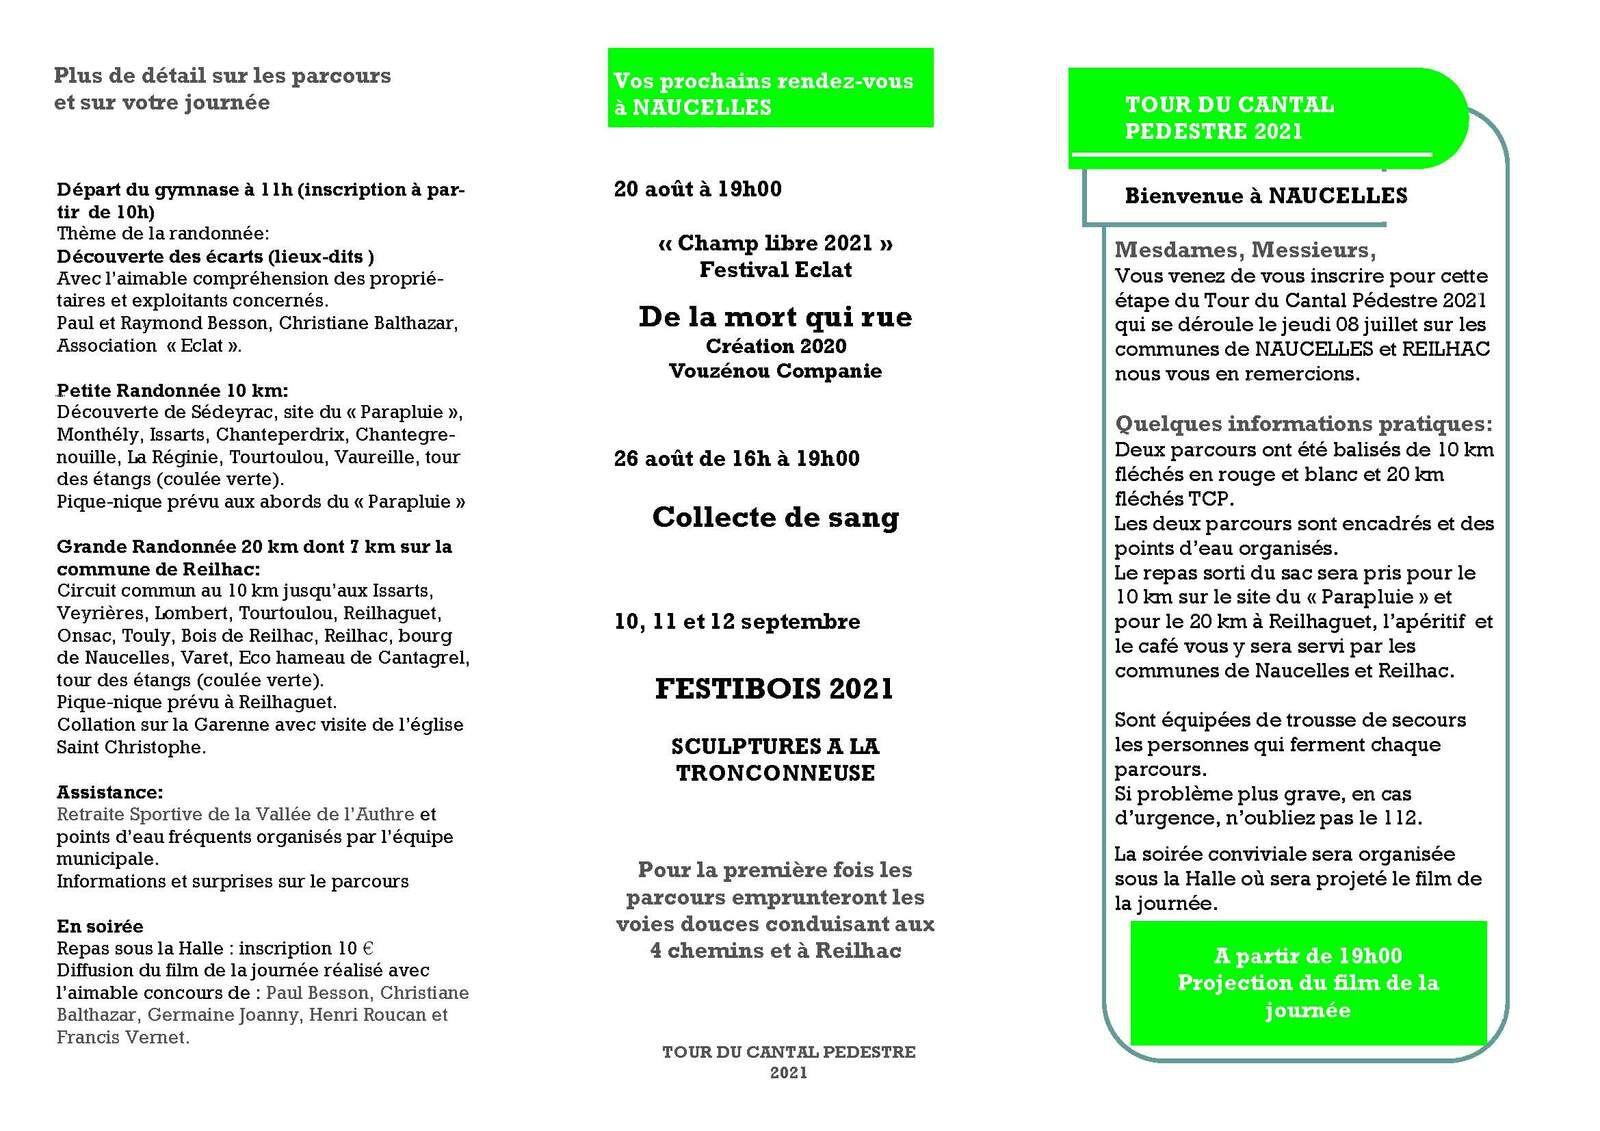 08/07/2021: NAUCELLES - REILHAC - Tour du Cantal pédestre